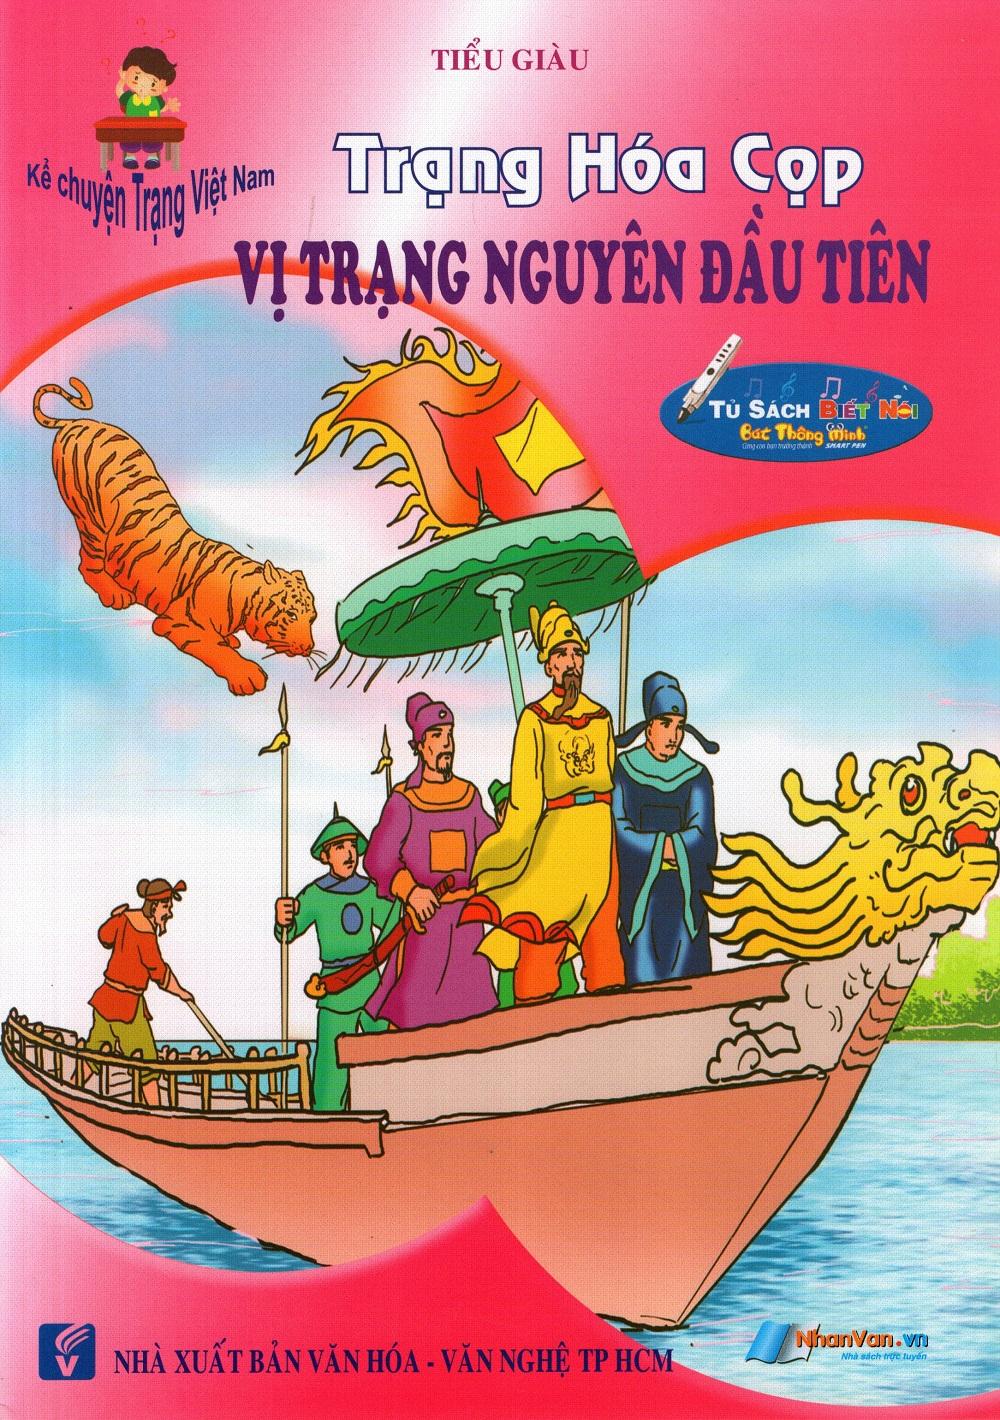 Kể Chuyện Trạng Việt Nam: Trạng Hóa Cọp - Vị Trạng Nguyên Đầu Tiên